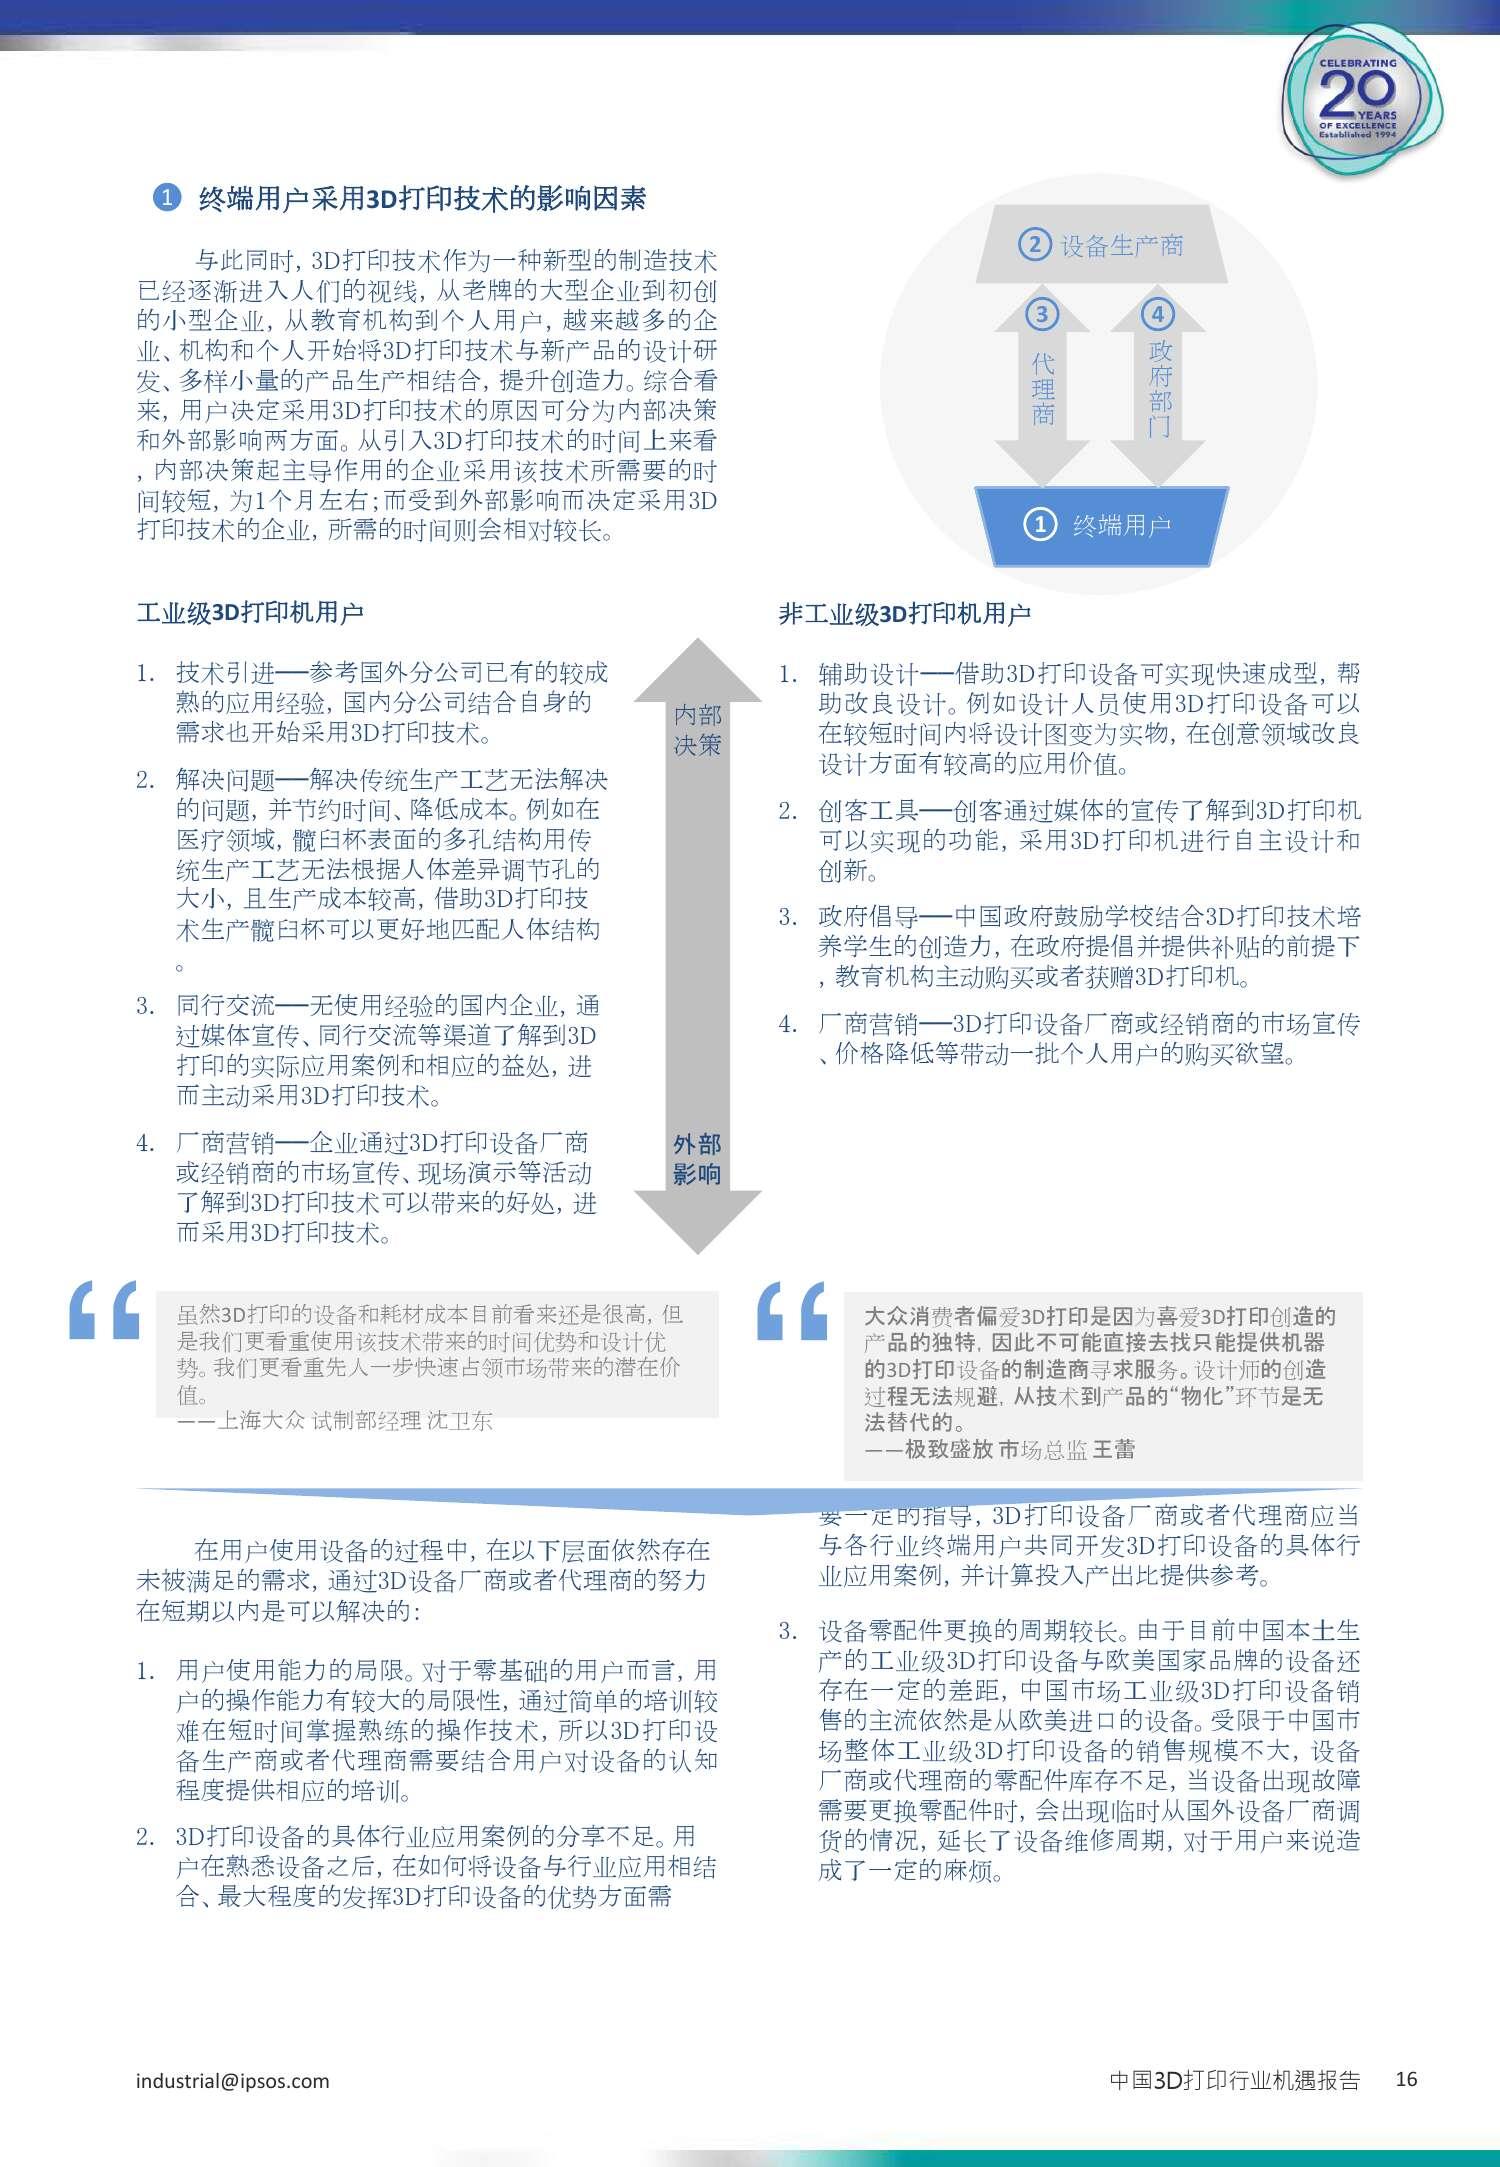 3D打印行业机遇报告_000016